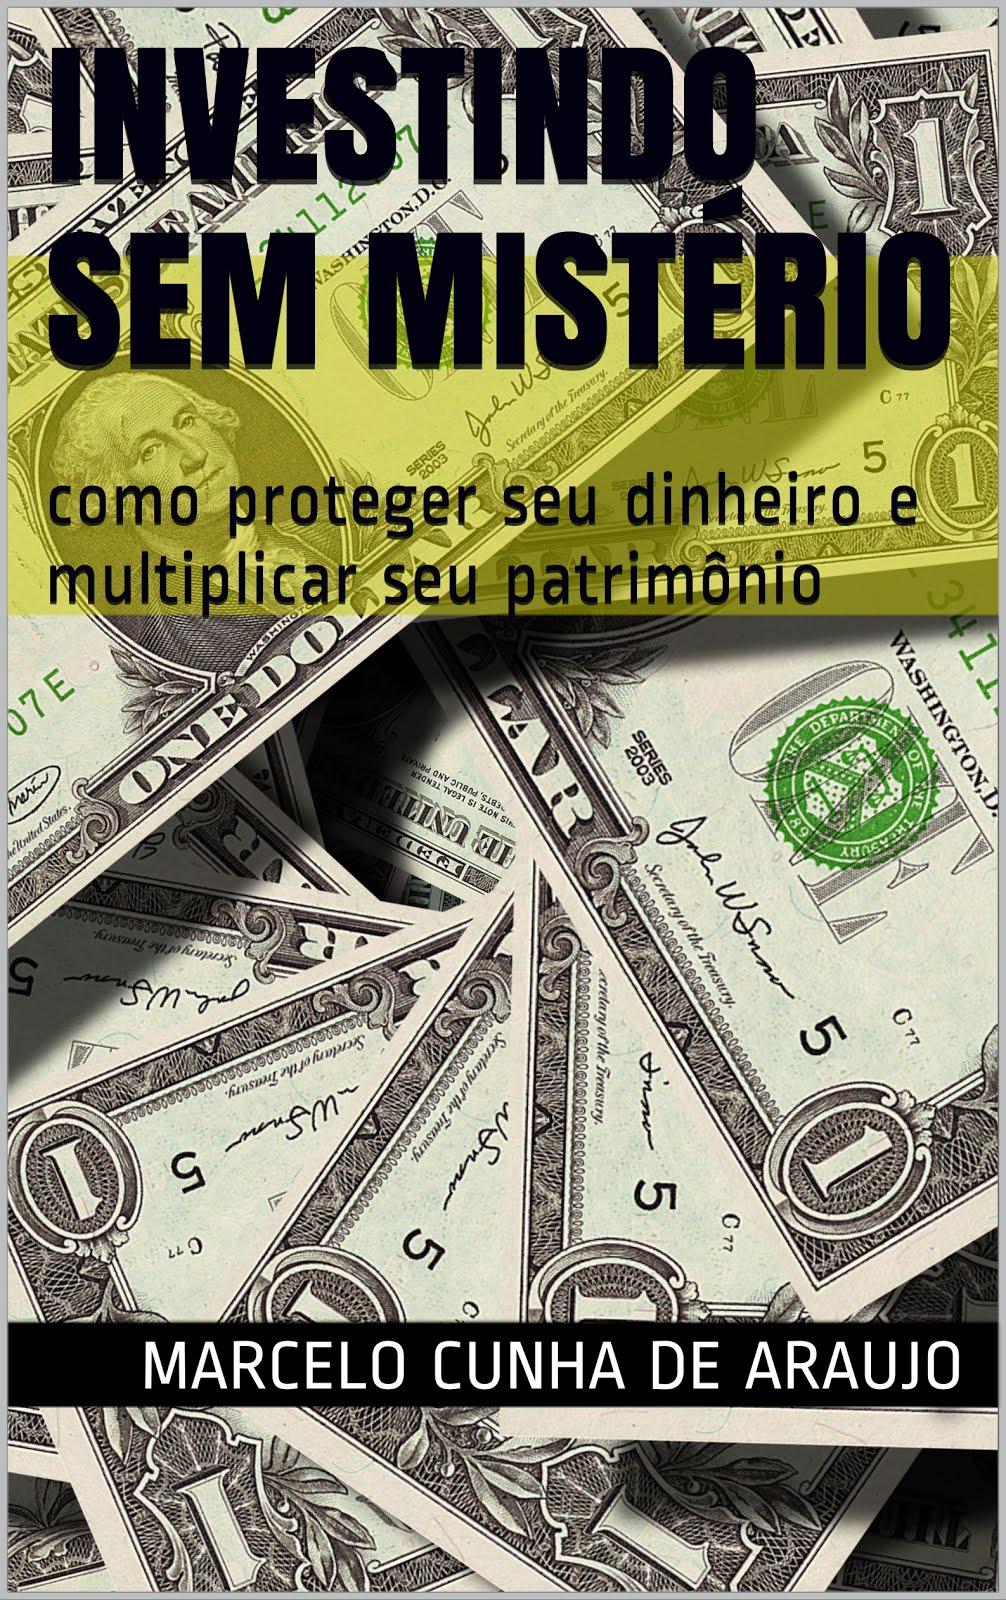 """Adquira o Livro """"Investindo sem Mistério"""" na Amazon (clique na imagem) por R$5,99!!"""